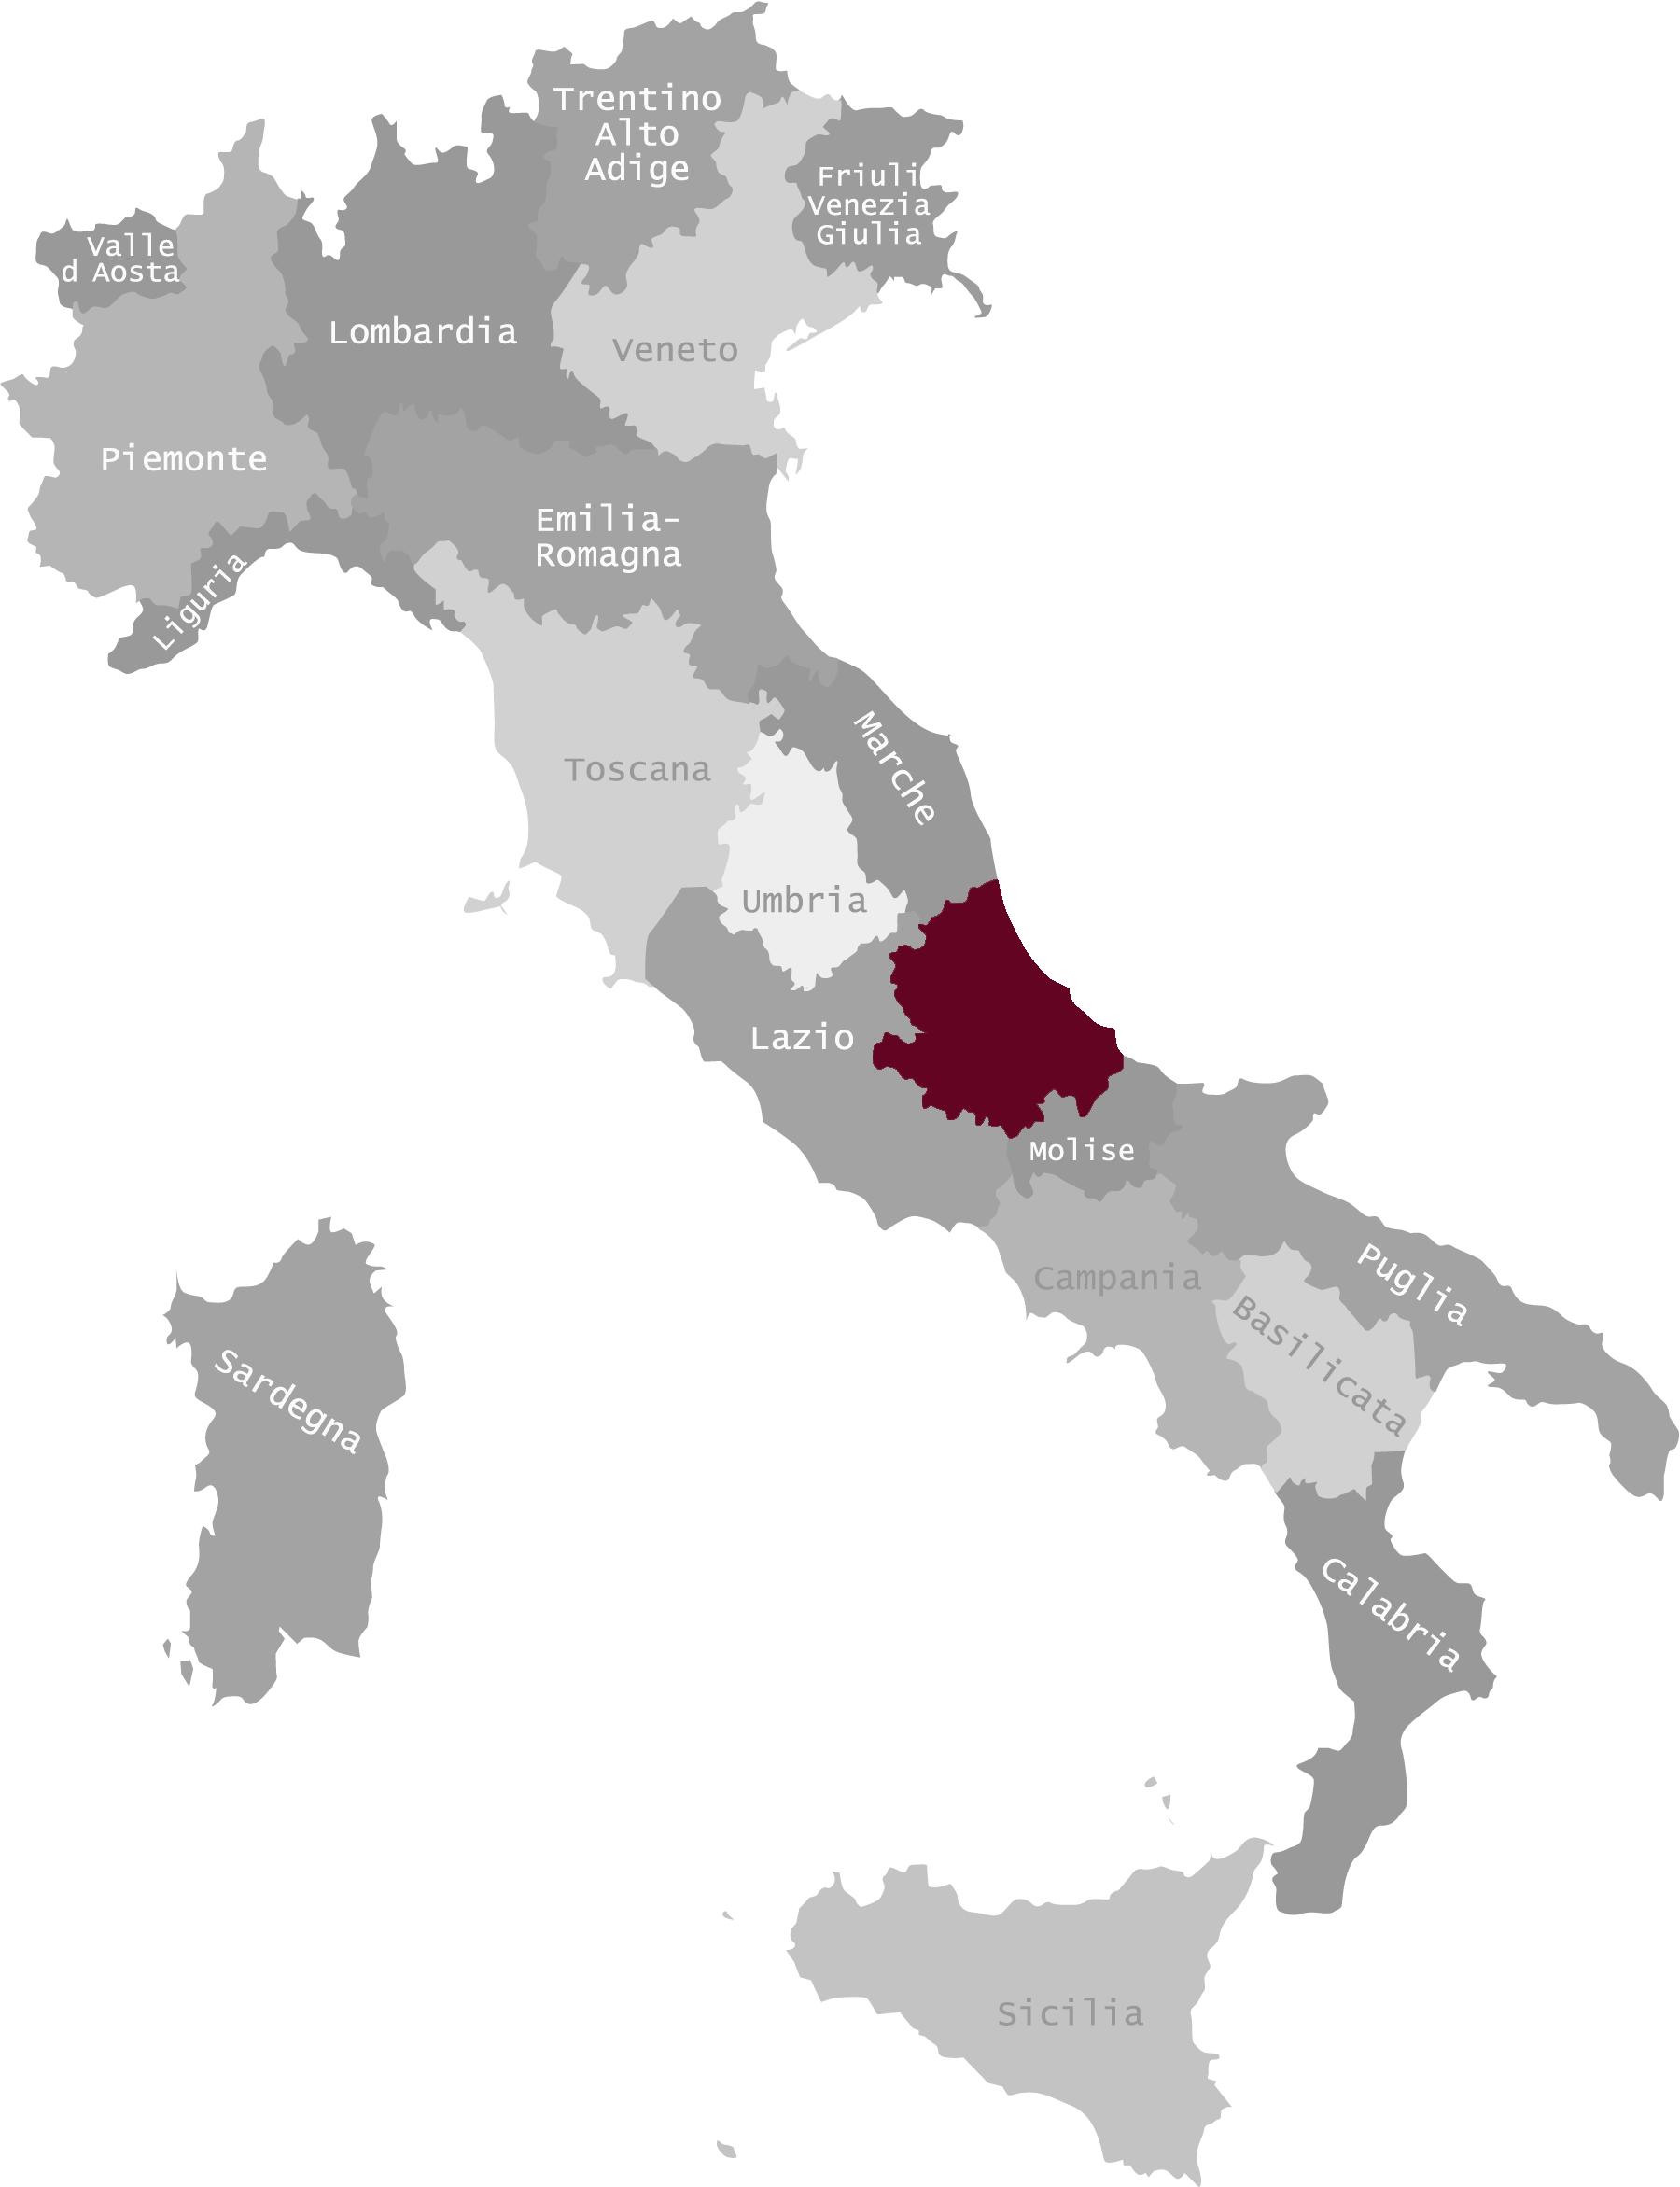 Campania, Itally